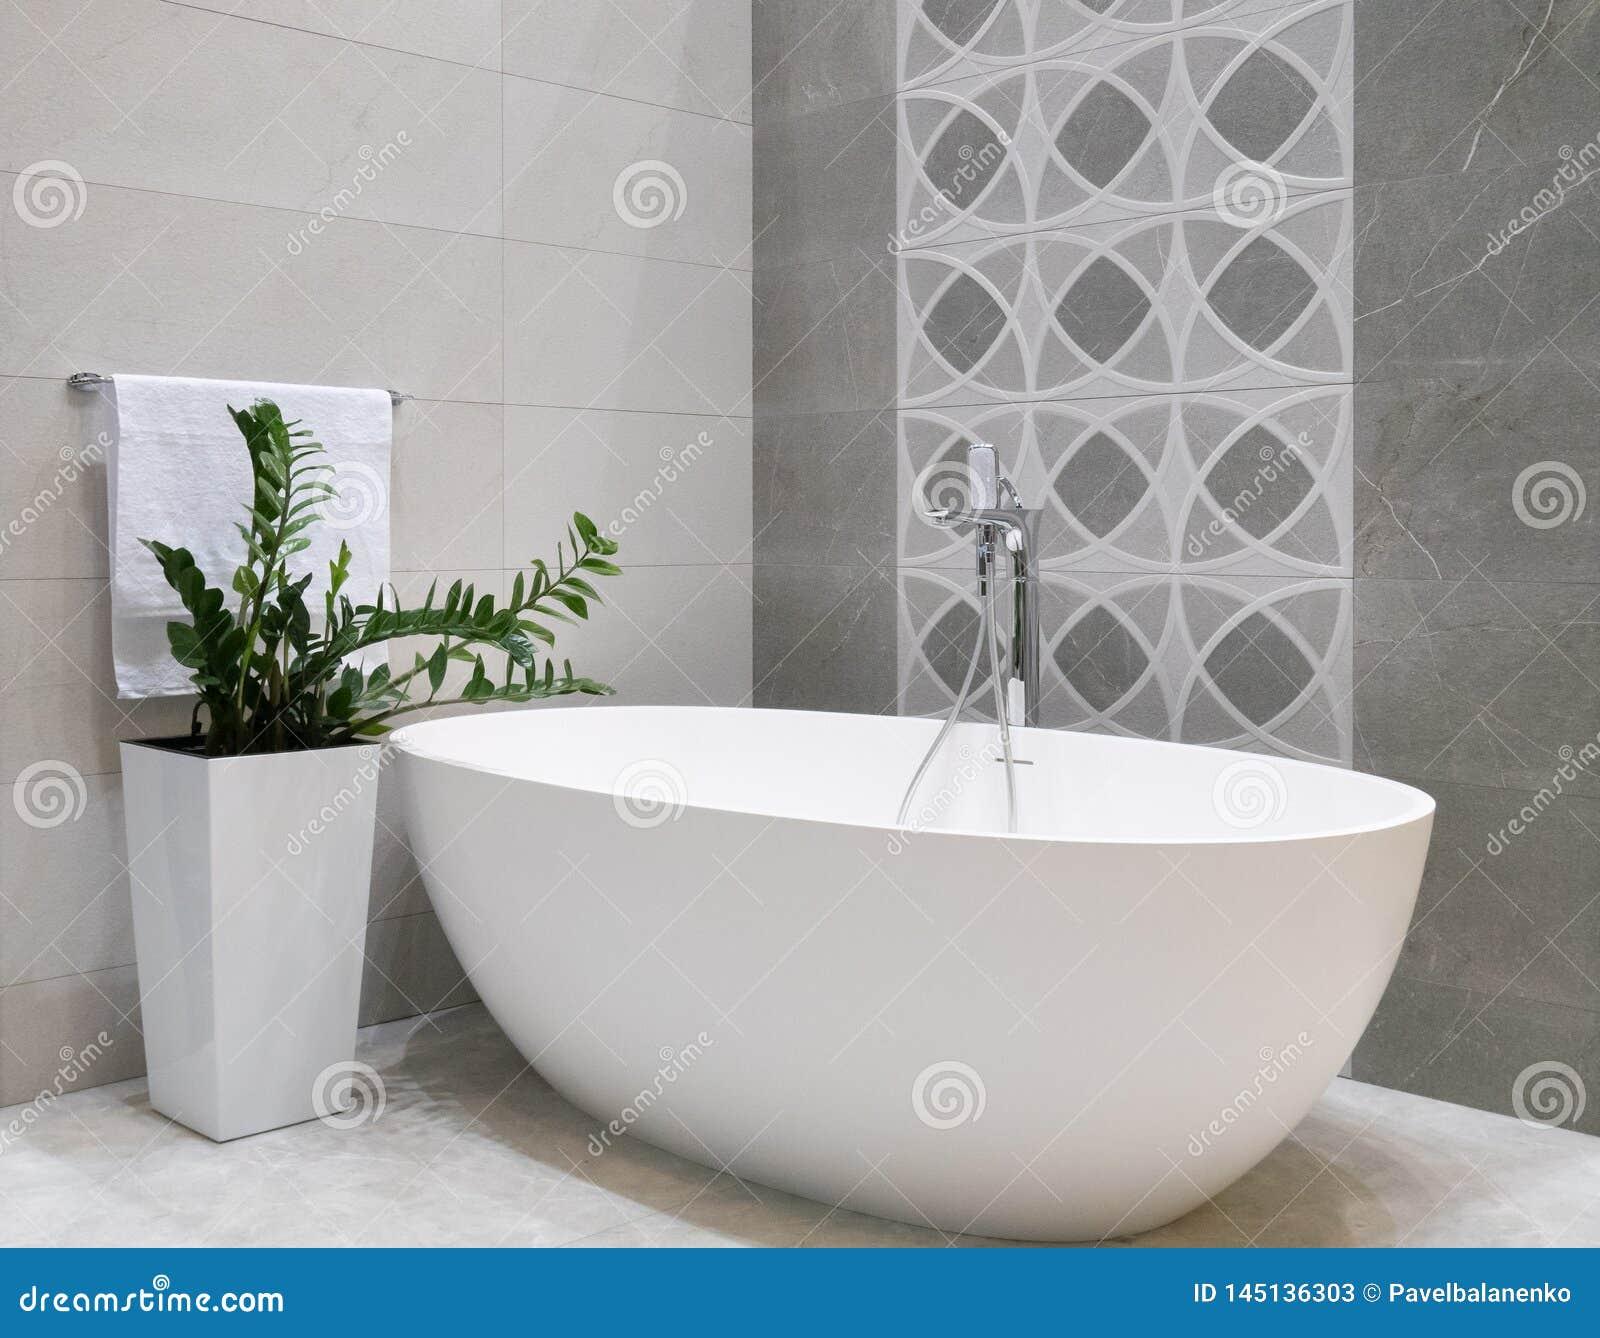 Modern badkamers binnenlands ontwerp met witte steenbadkuip, grijze tegelsmuur, ceramische bloempot met groene installatie en han